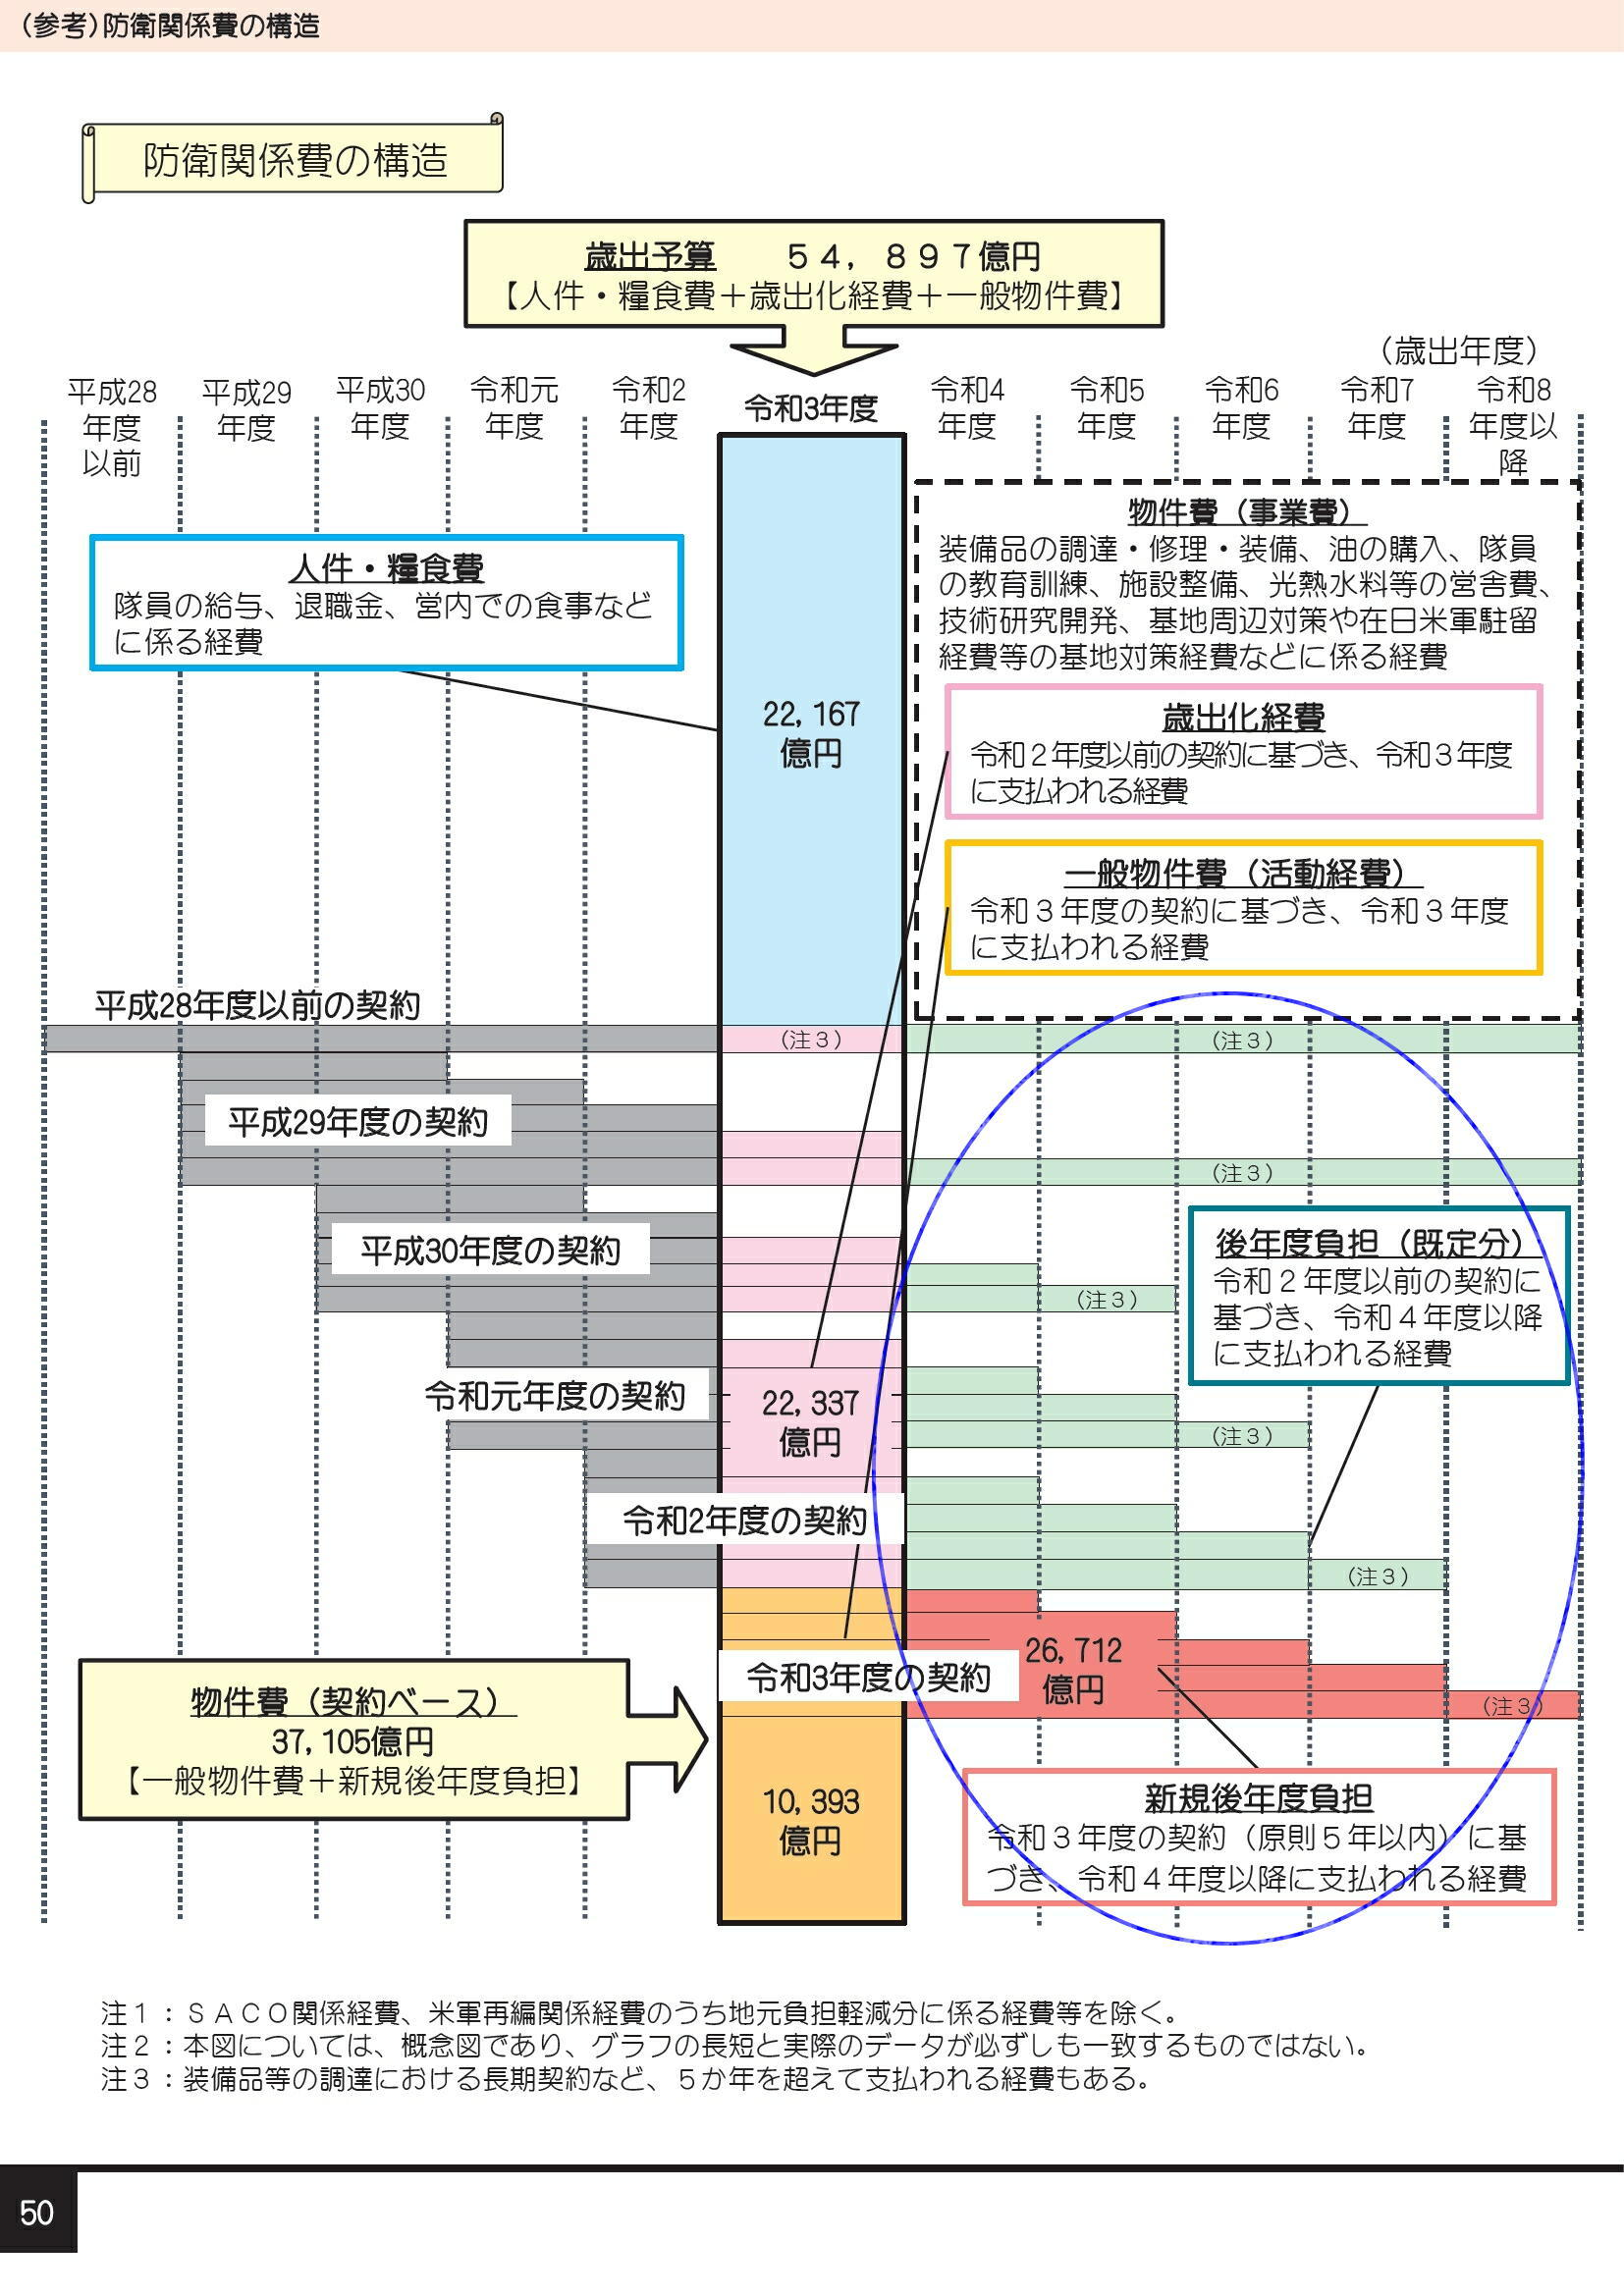 2021年度防衛省概算要求の概要0054